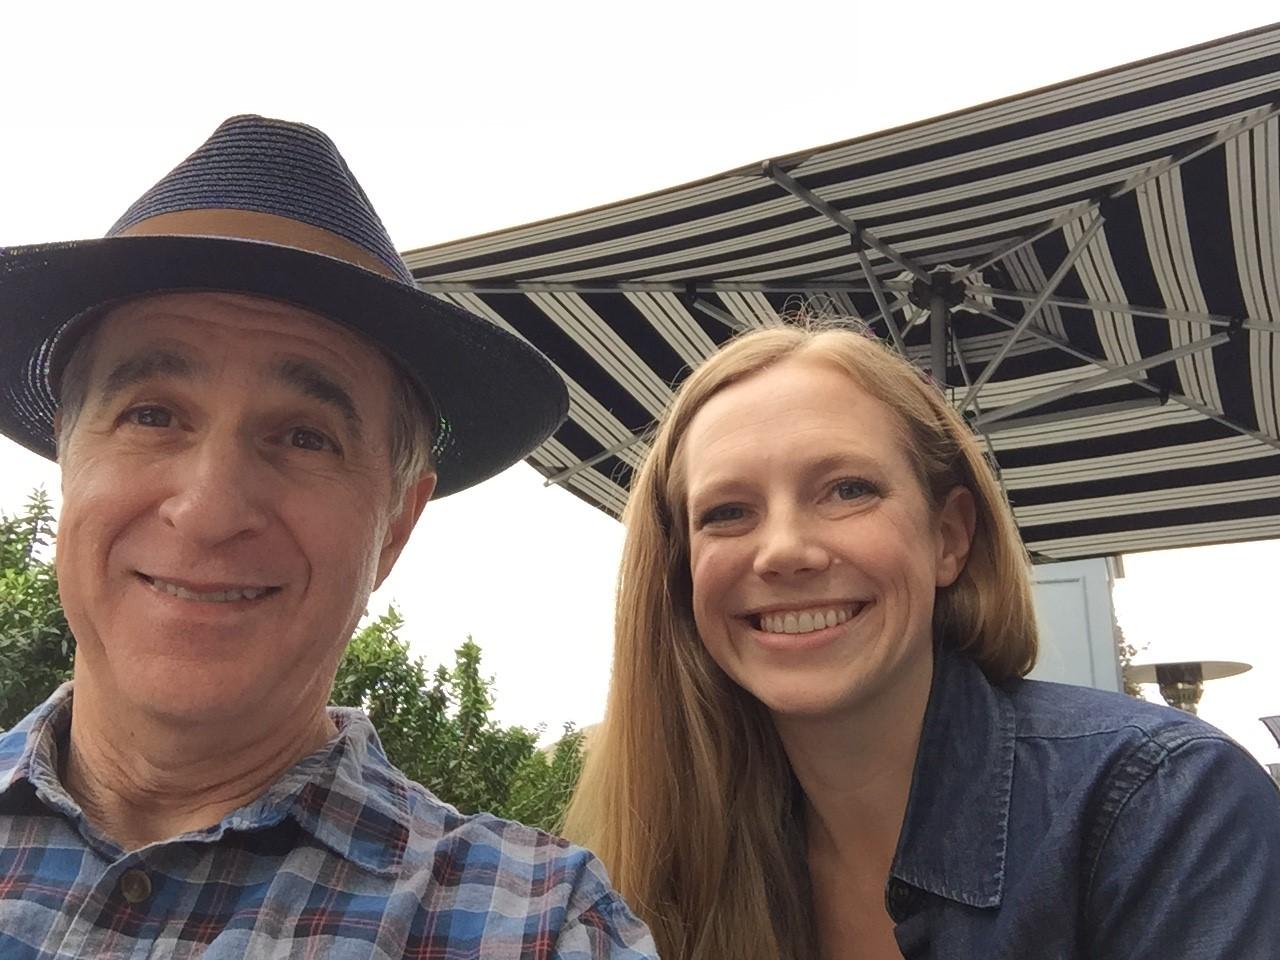 Al Castino and Rachel Mertensmeyer smiling .jpg